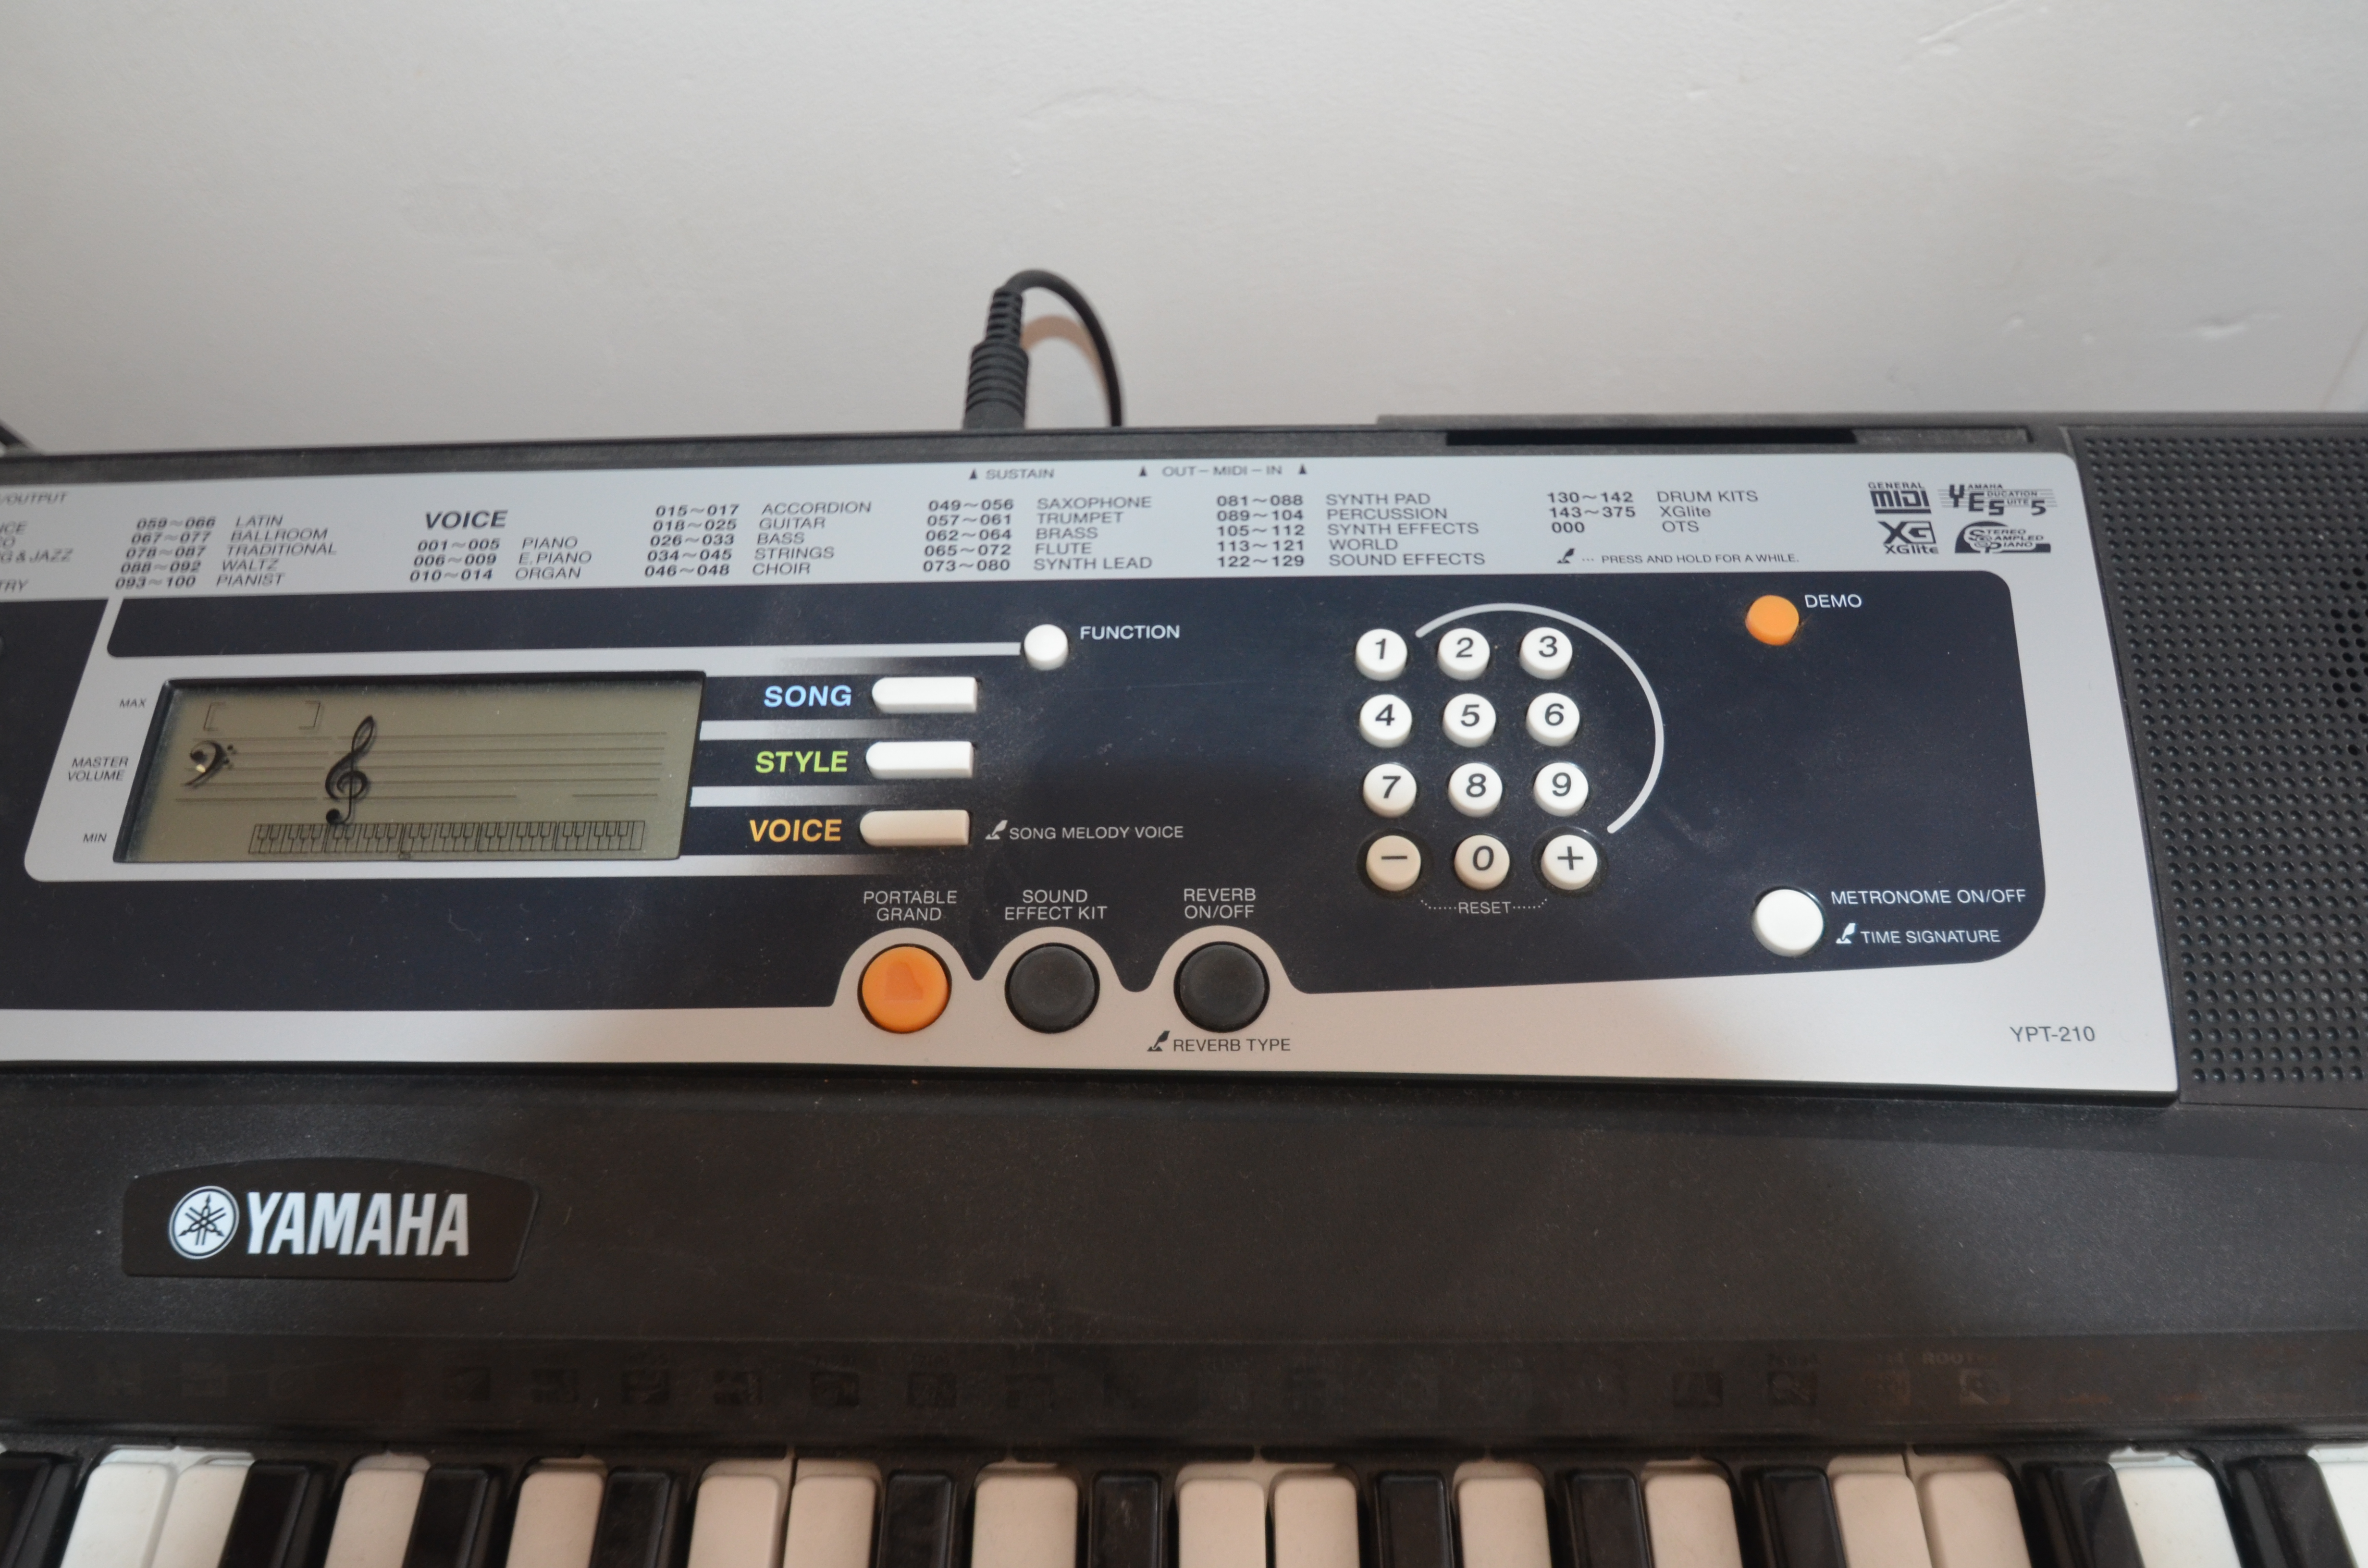 Yamaha ypt 210 image 712019 audiofanzine for Yamaha ypt 210 manual